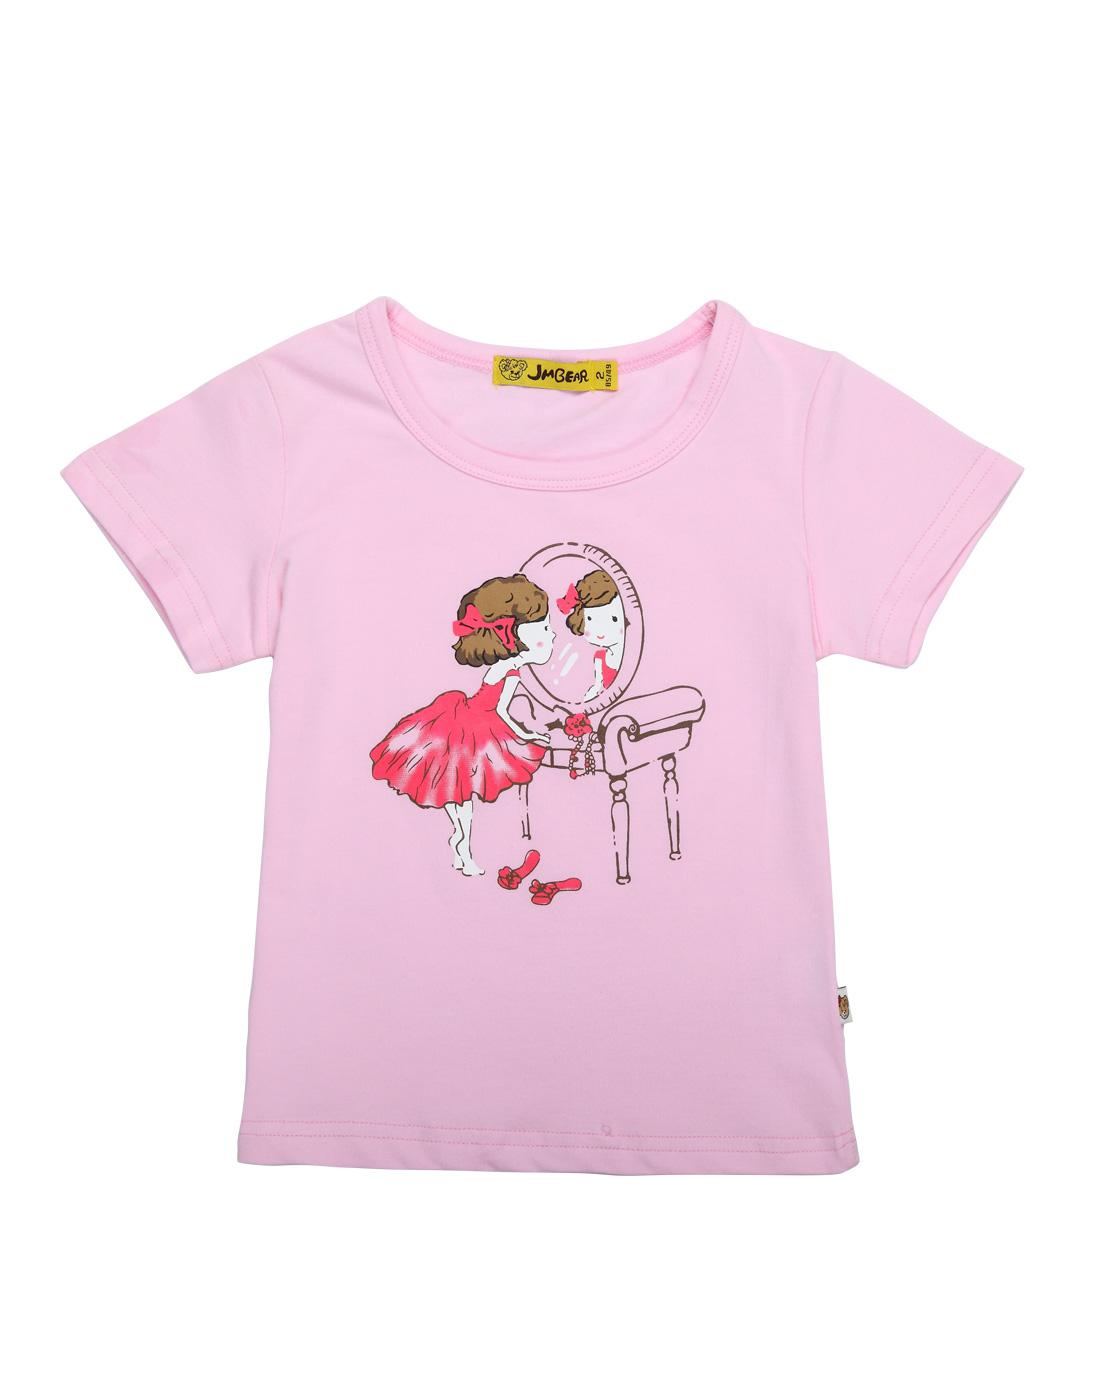 女童粉红色可爱女孩印花短袖t恤